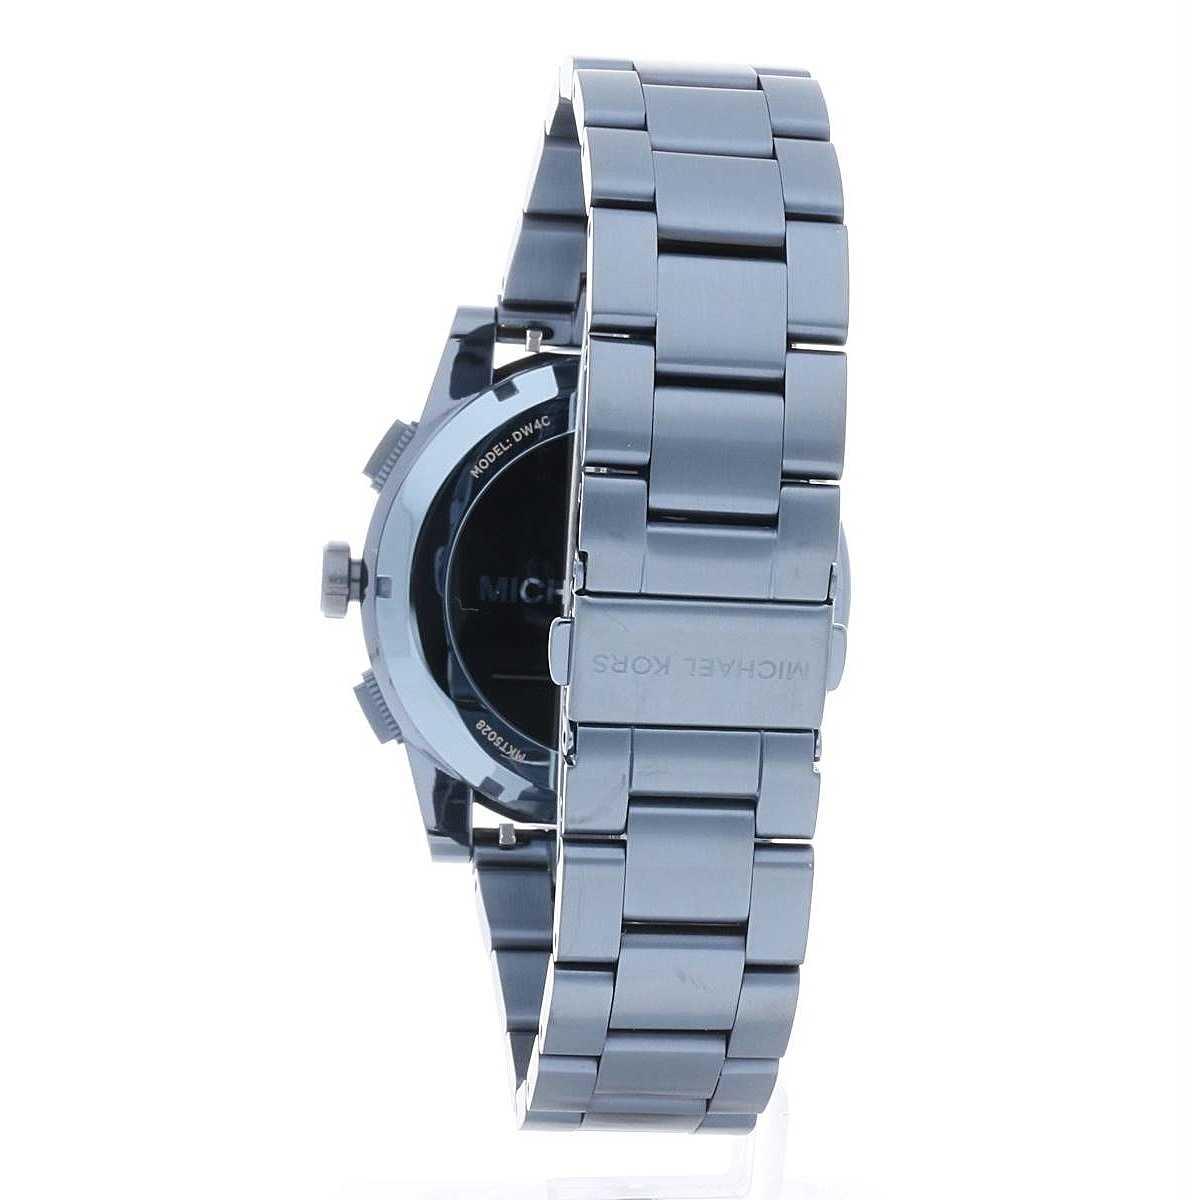 7c42fc87da8d2 watch Smartwatch man Michael Kors Grayson MKT5028 Smartwatches ...